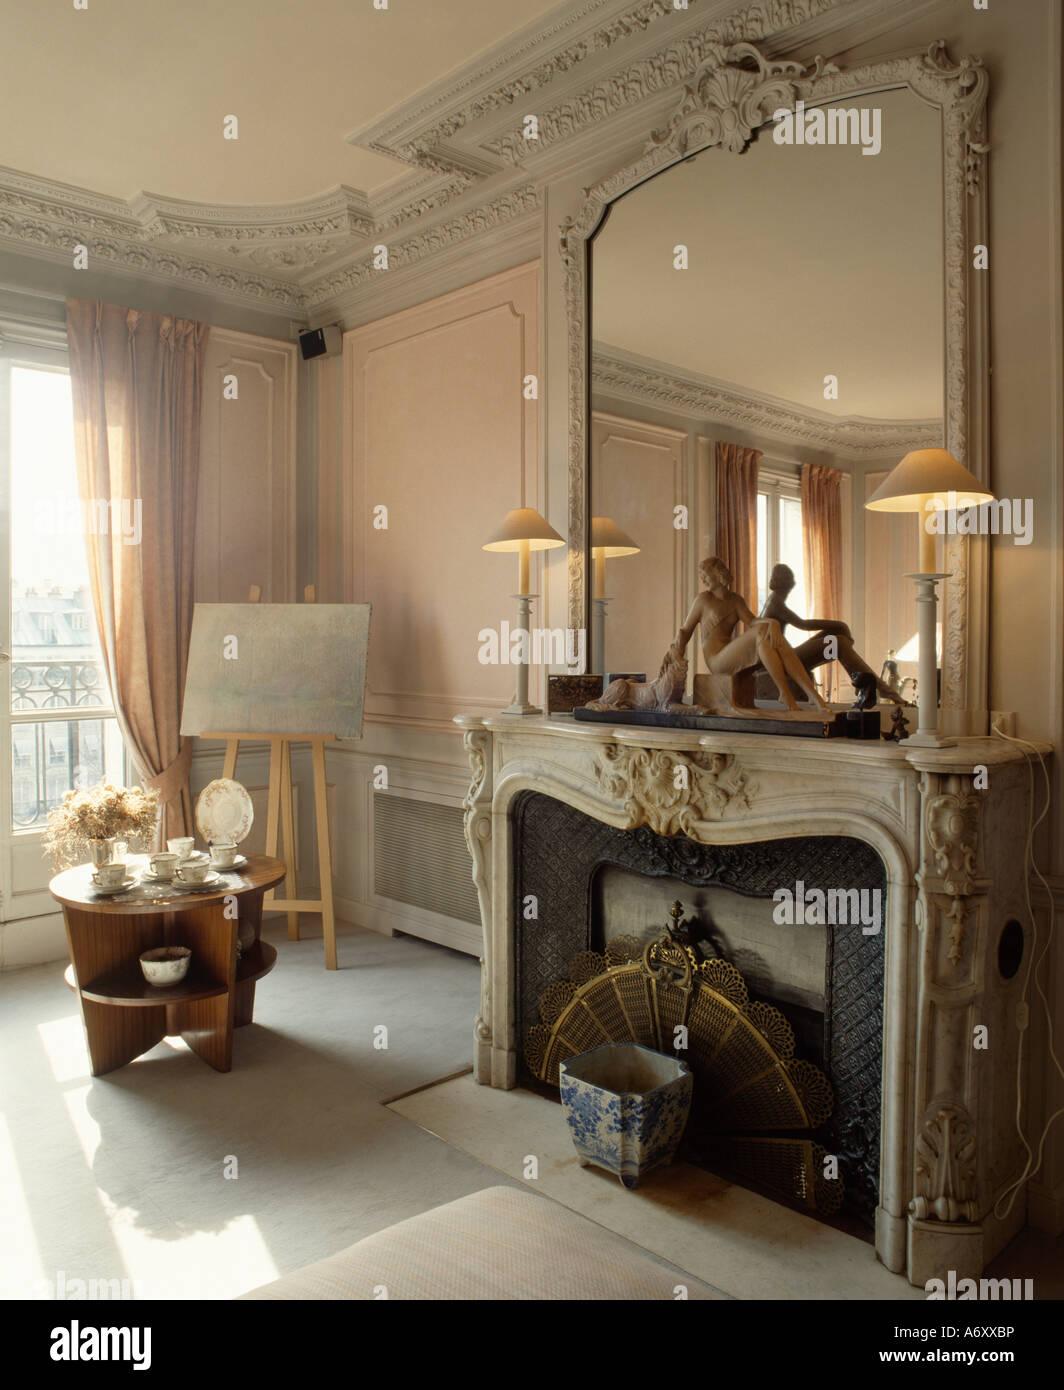 Großer antiker Spiegel mit weiß lackierten Rahmen über verzierten ...